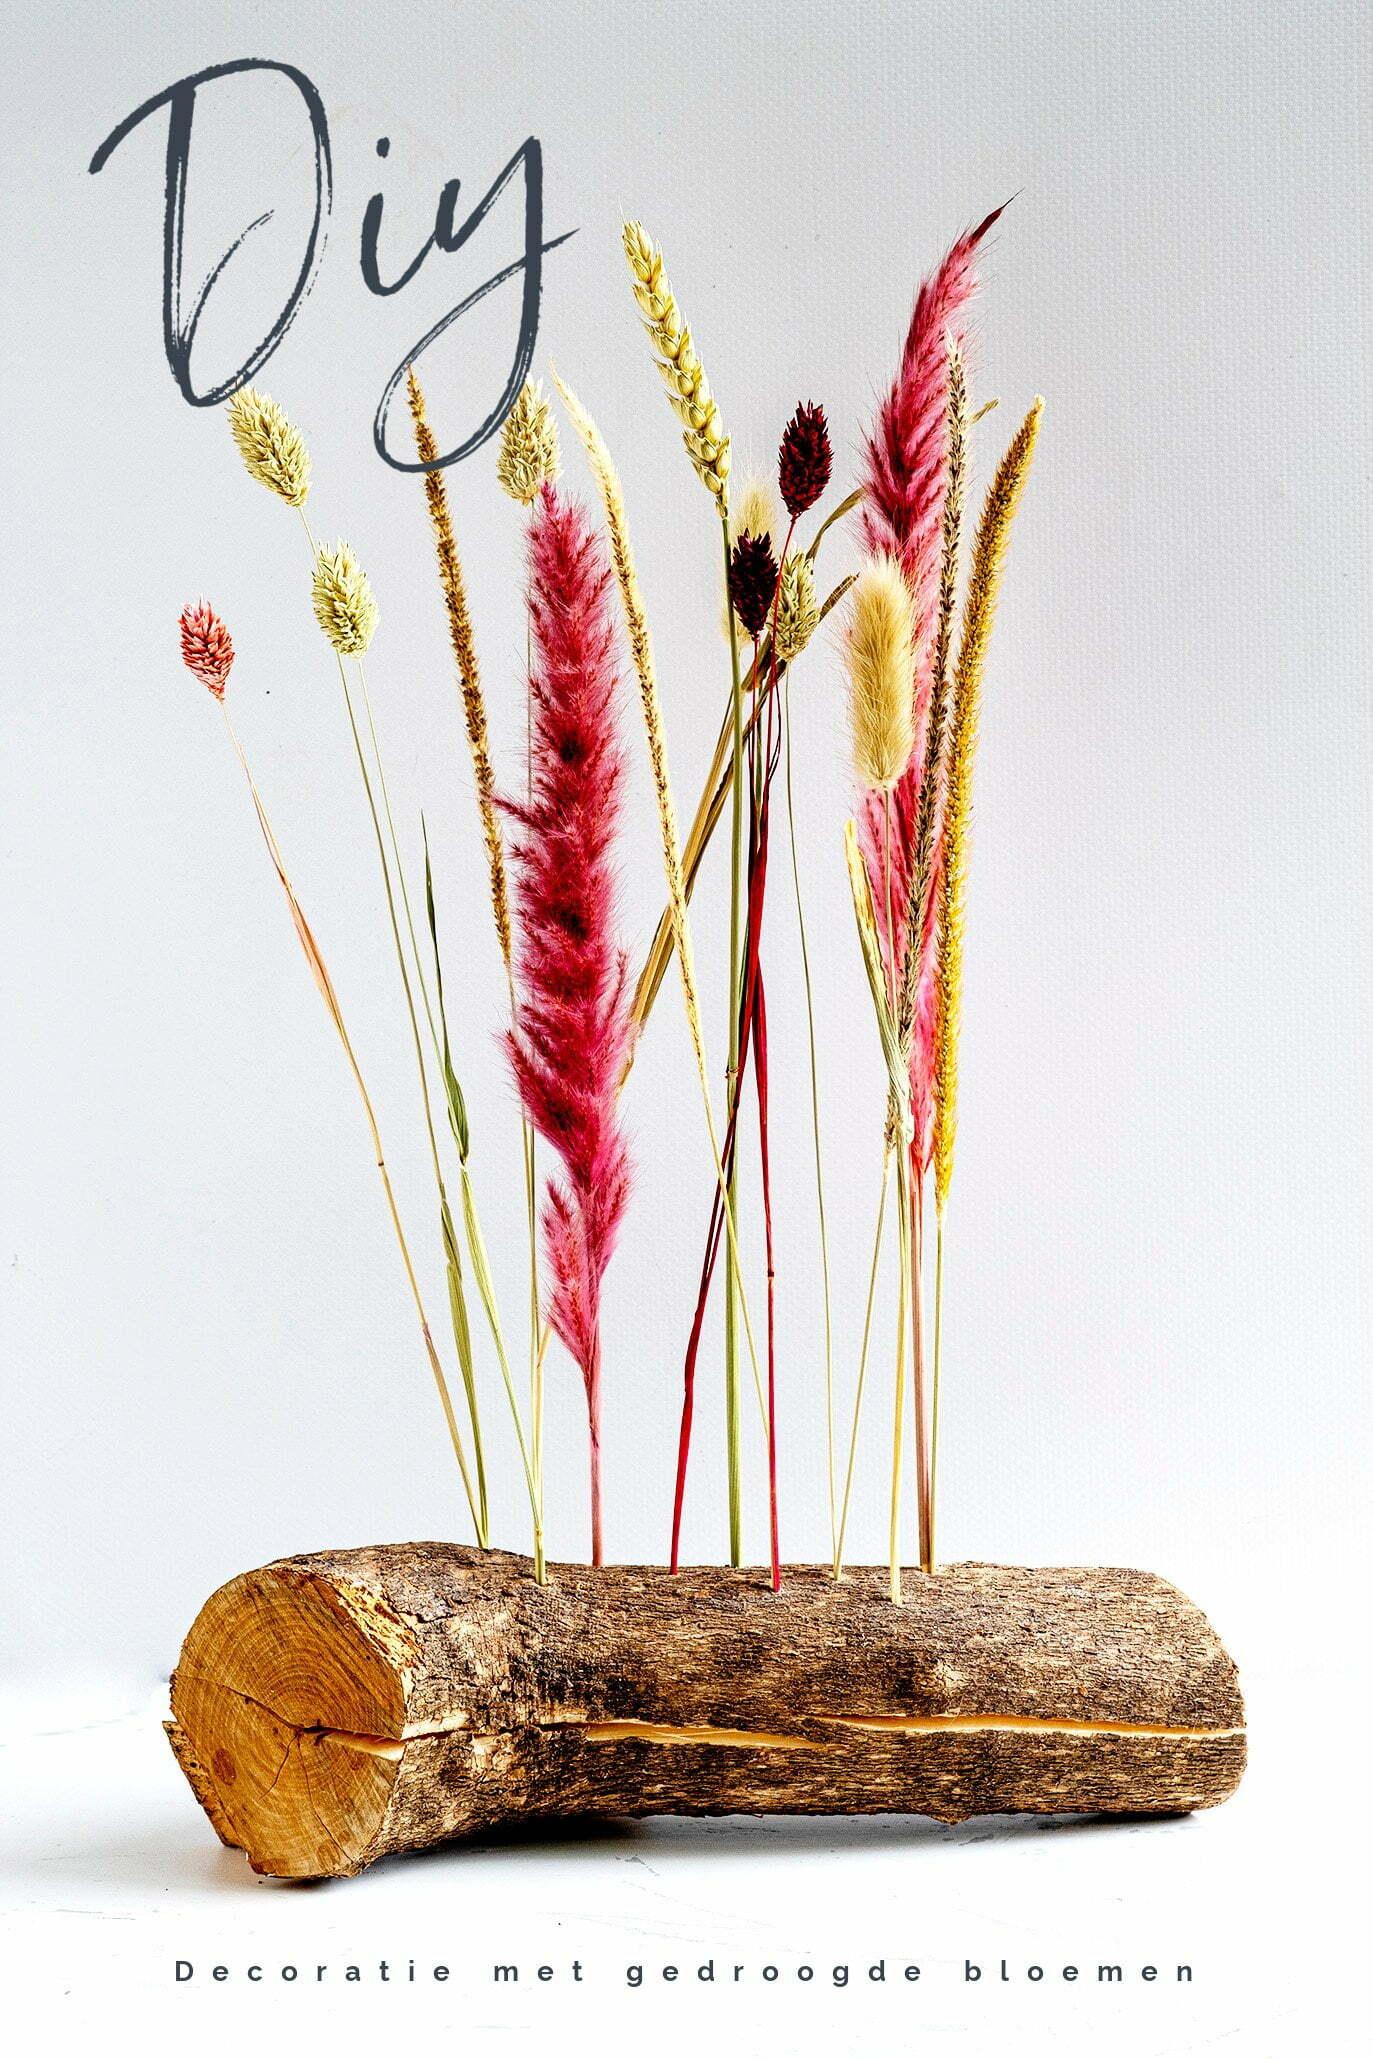 Decoratie met gedroogde bloemen op hout om zelf te maken